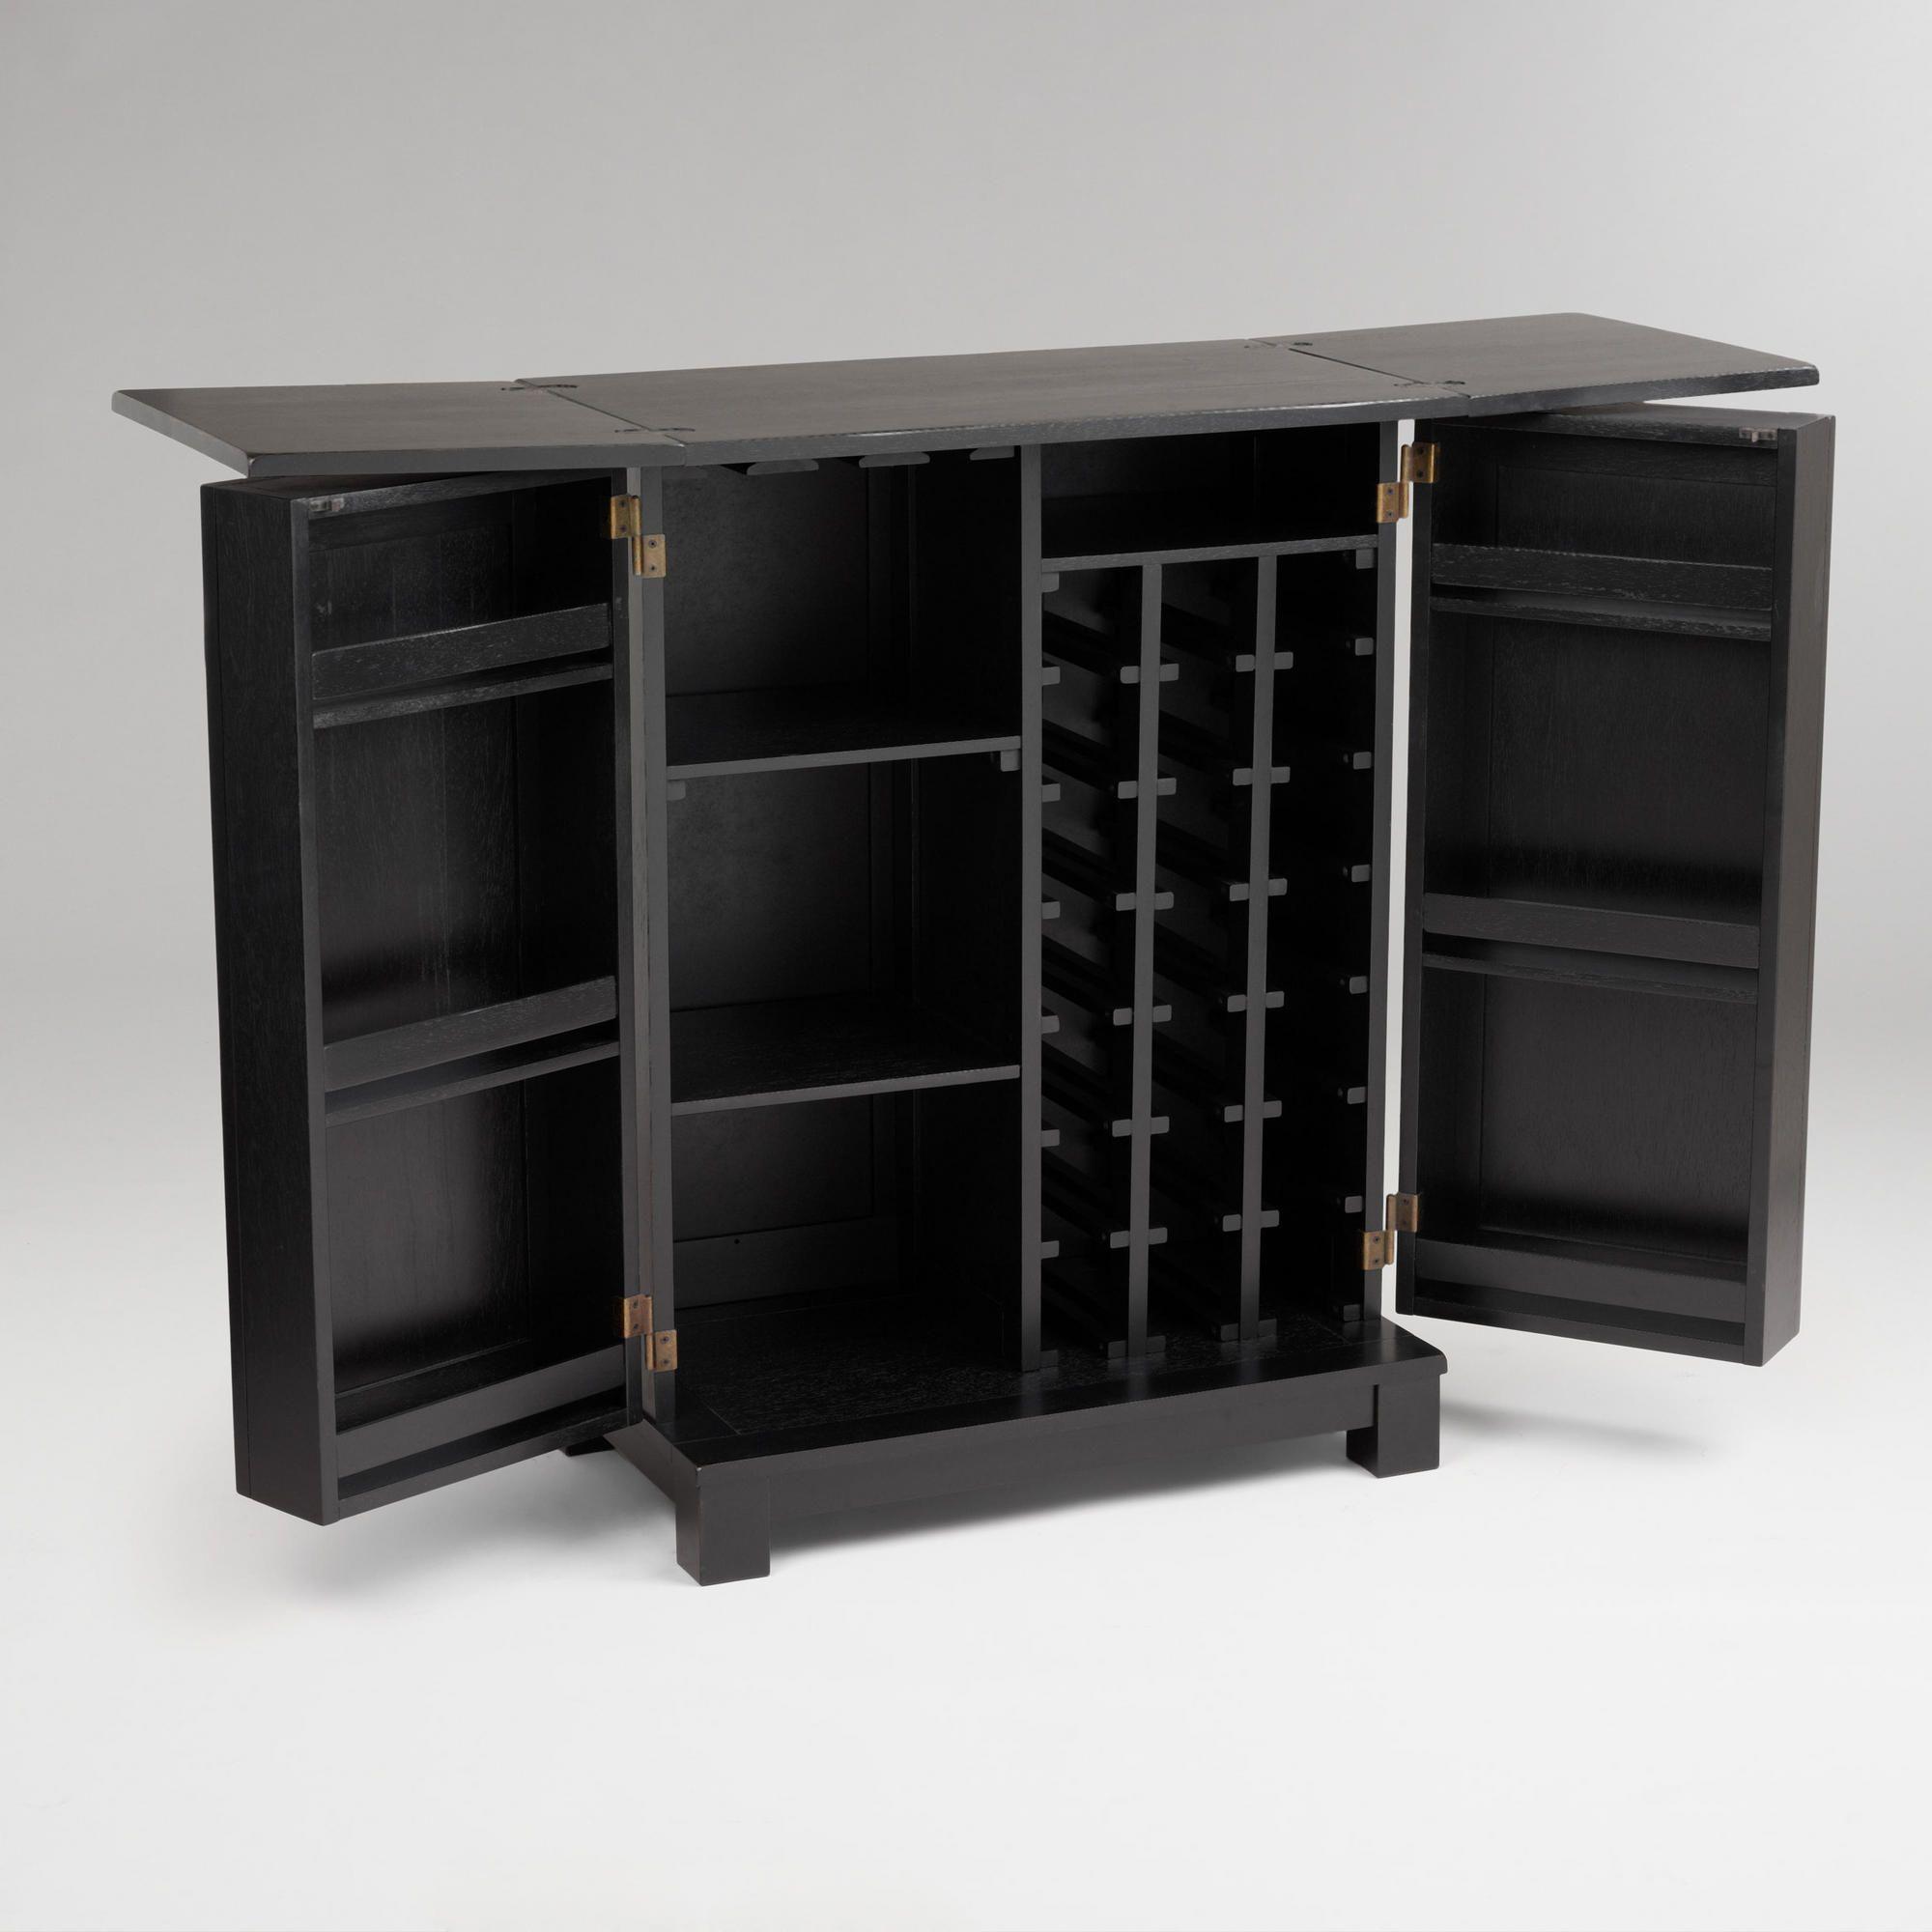 diy bar cabinet liquor cabinet home inspiration. Black Bedroom Furniture Sets. Home Design Ideas